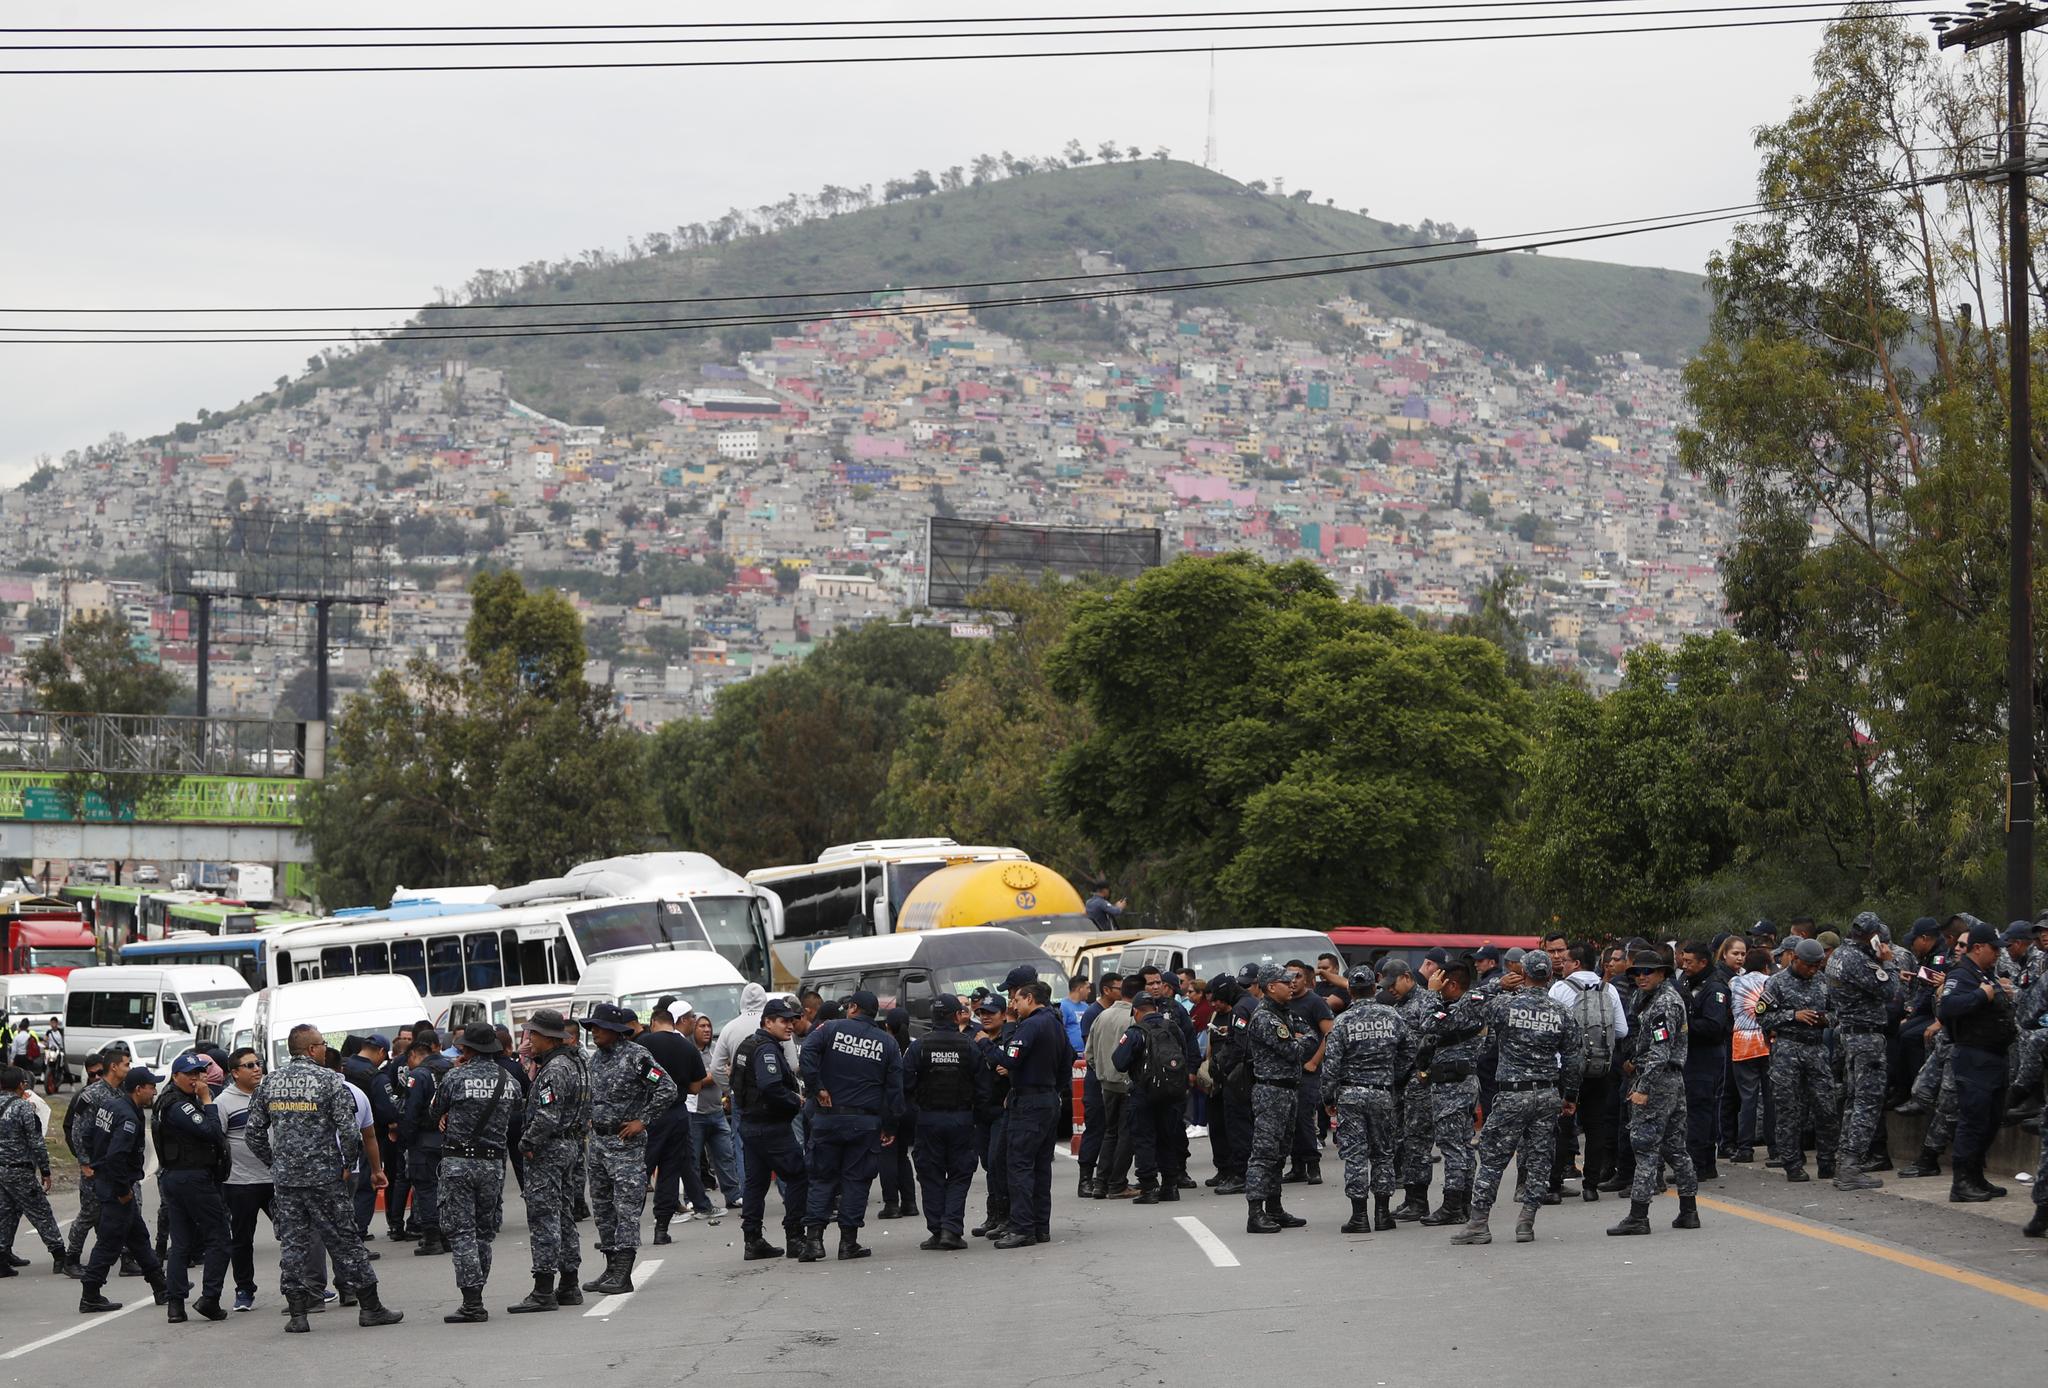 국가방위군 편입에 반발하는 멕시코 연방경찰들이 3일(현지시간) 제복을 입고 멕시코시티에서 고속도로를 점거하고 있다. [AP=연합뉴스]